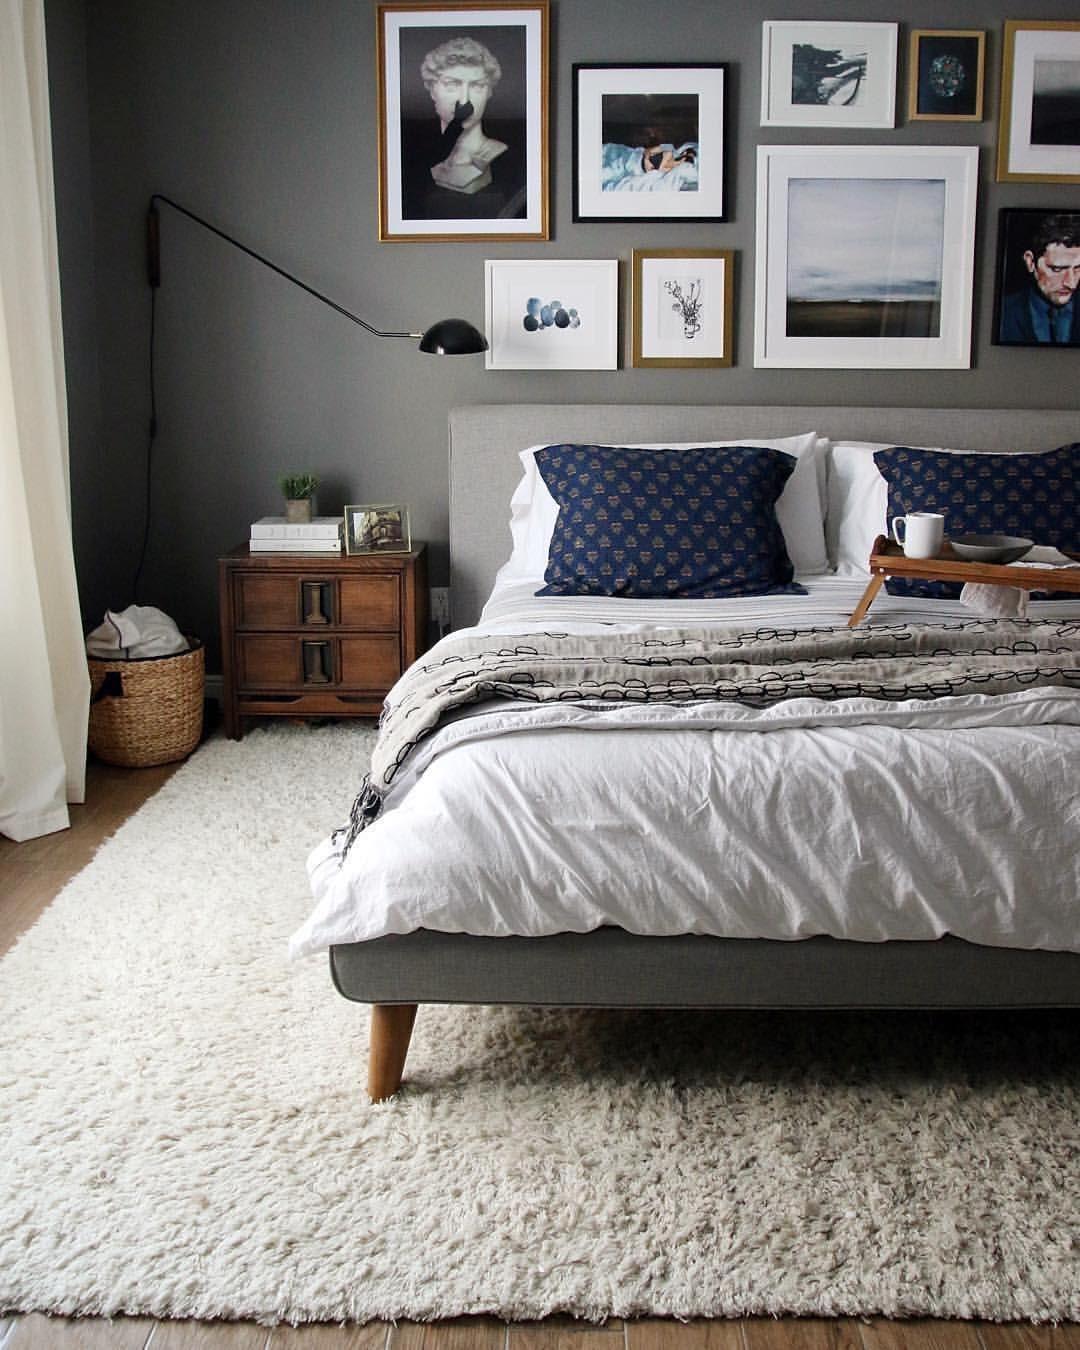 """west elm on Instagram: """"Hey, @chrislovesjulia, we love your bedroom! #mywestelm"""""""